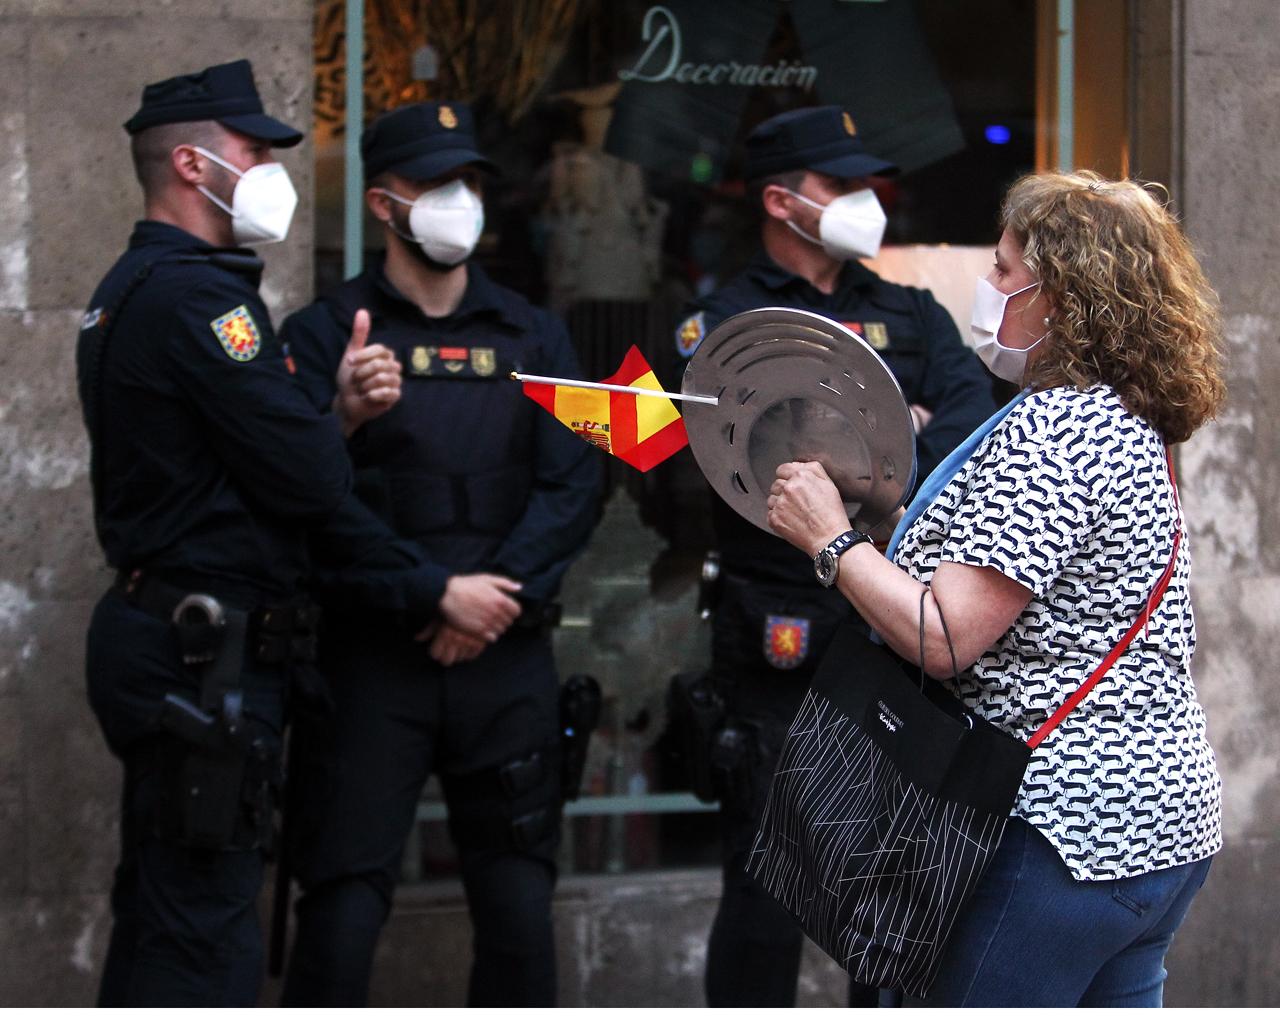 Cacerolada contra el Gobierno en la calle Núñez de Balboa de Madrid. 17/05/2020.